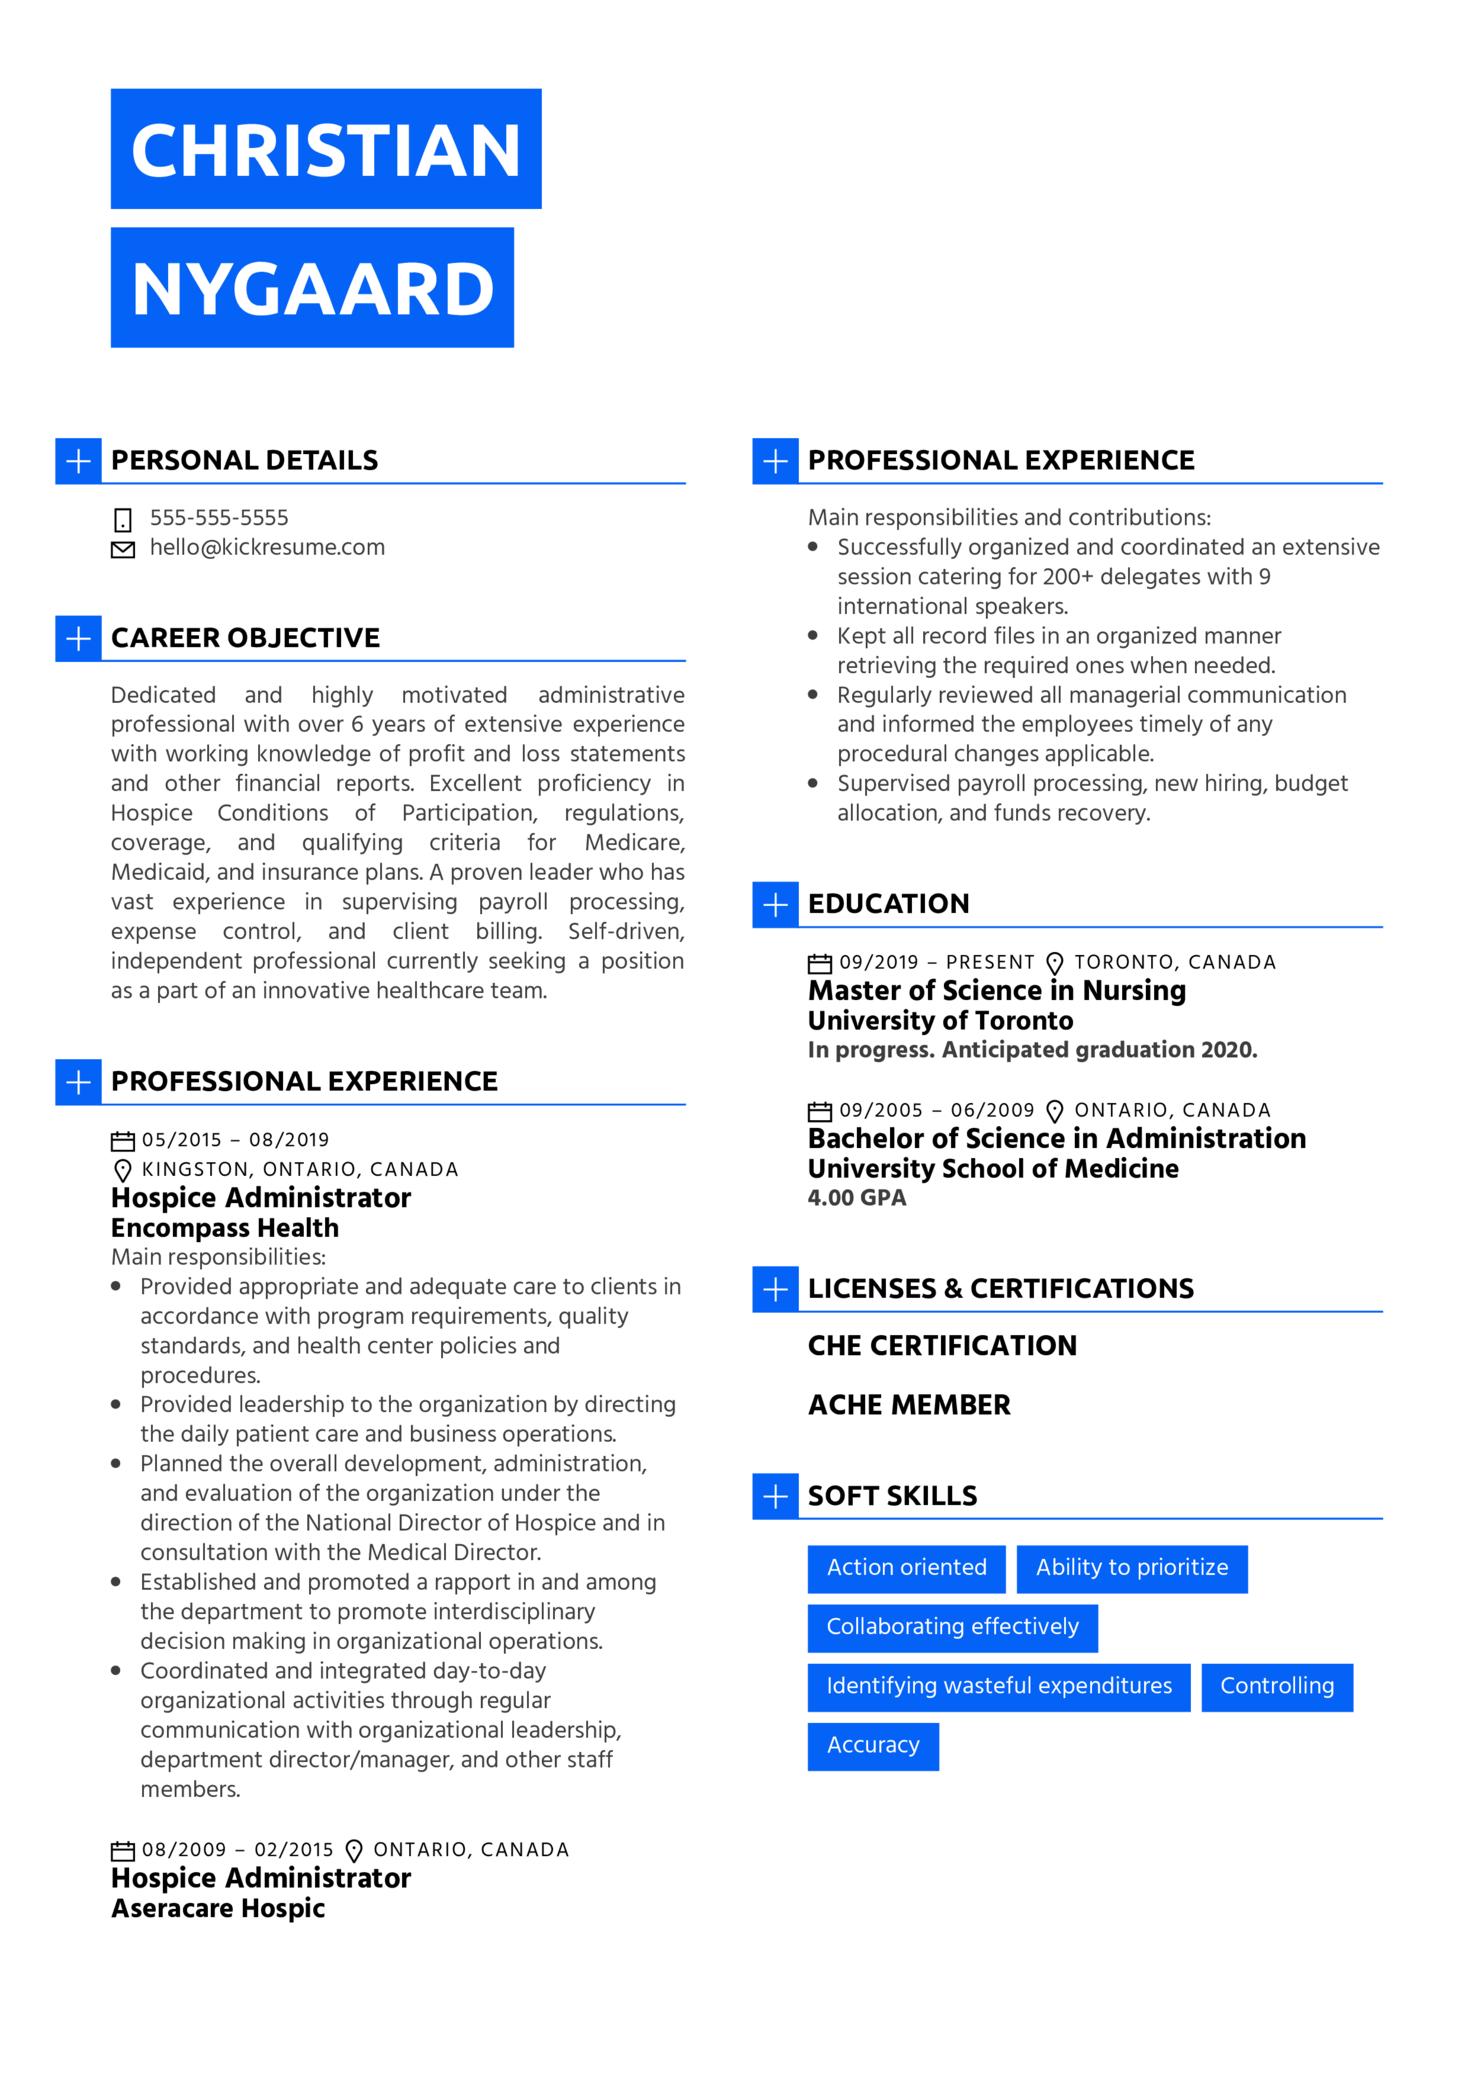 Hospice Administrator Resume Sample (časť 1)